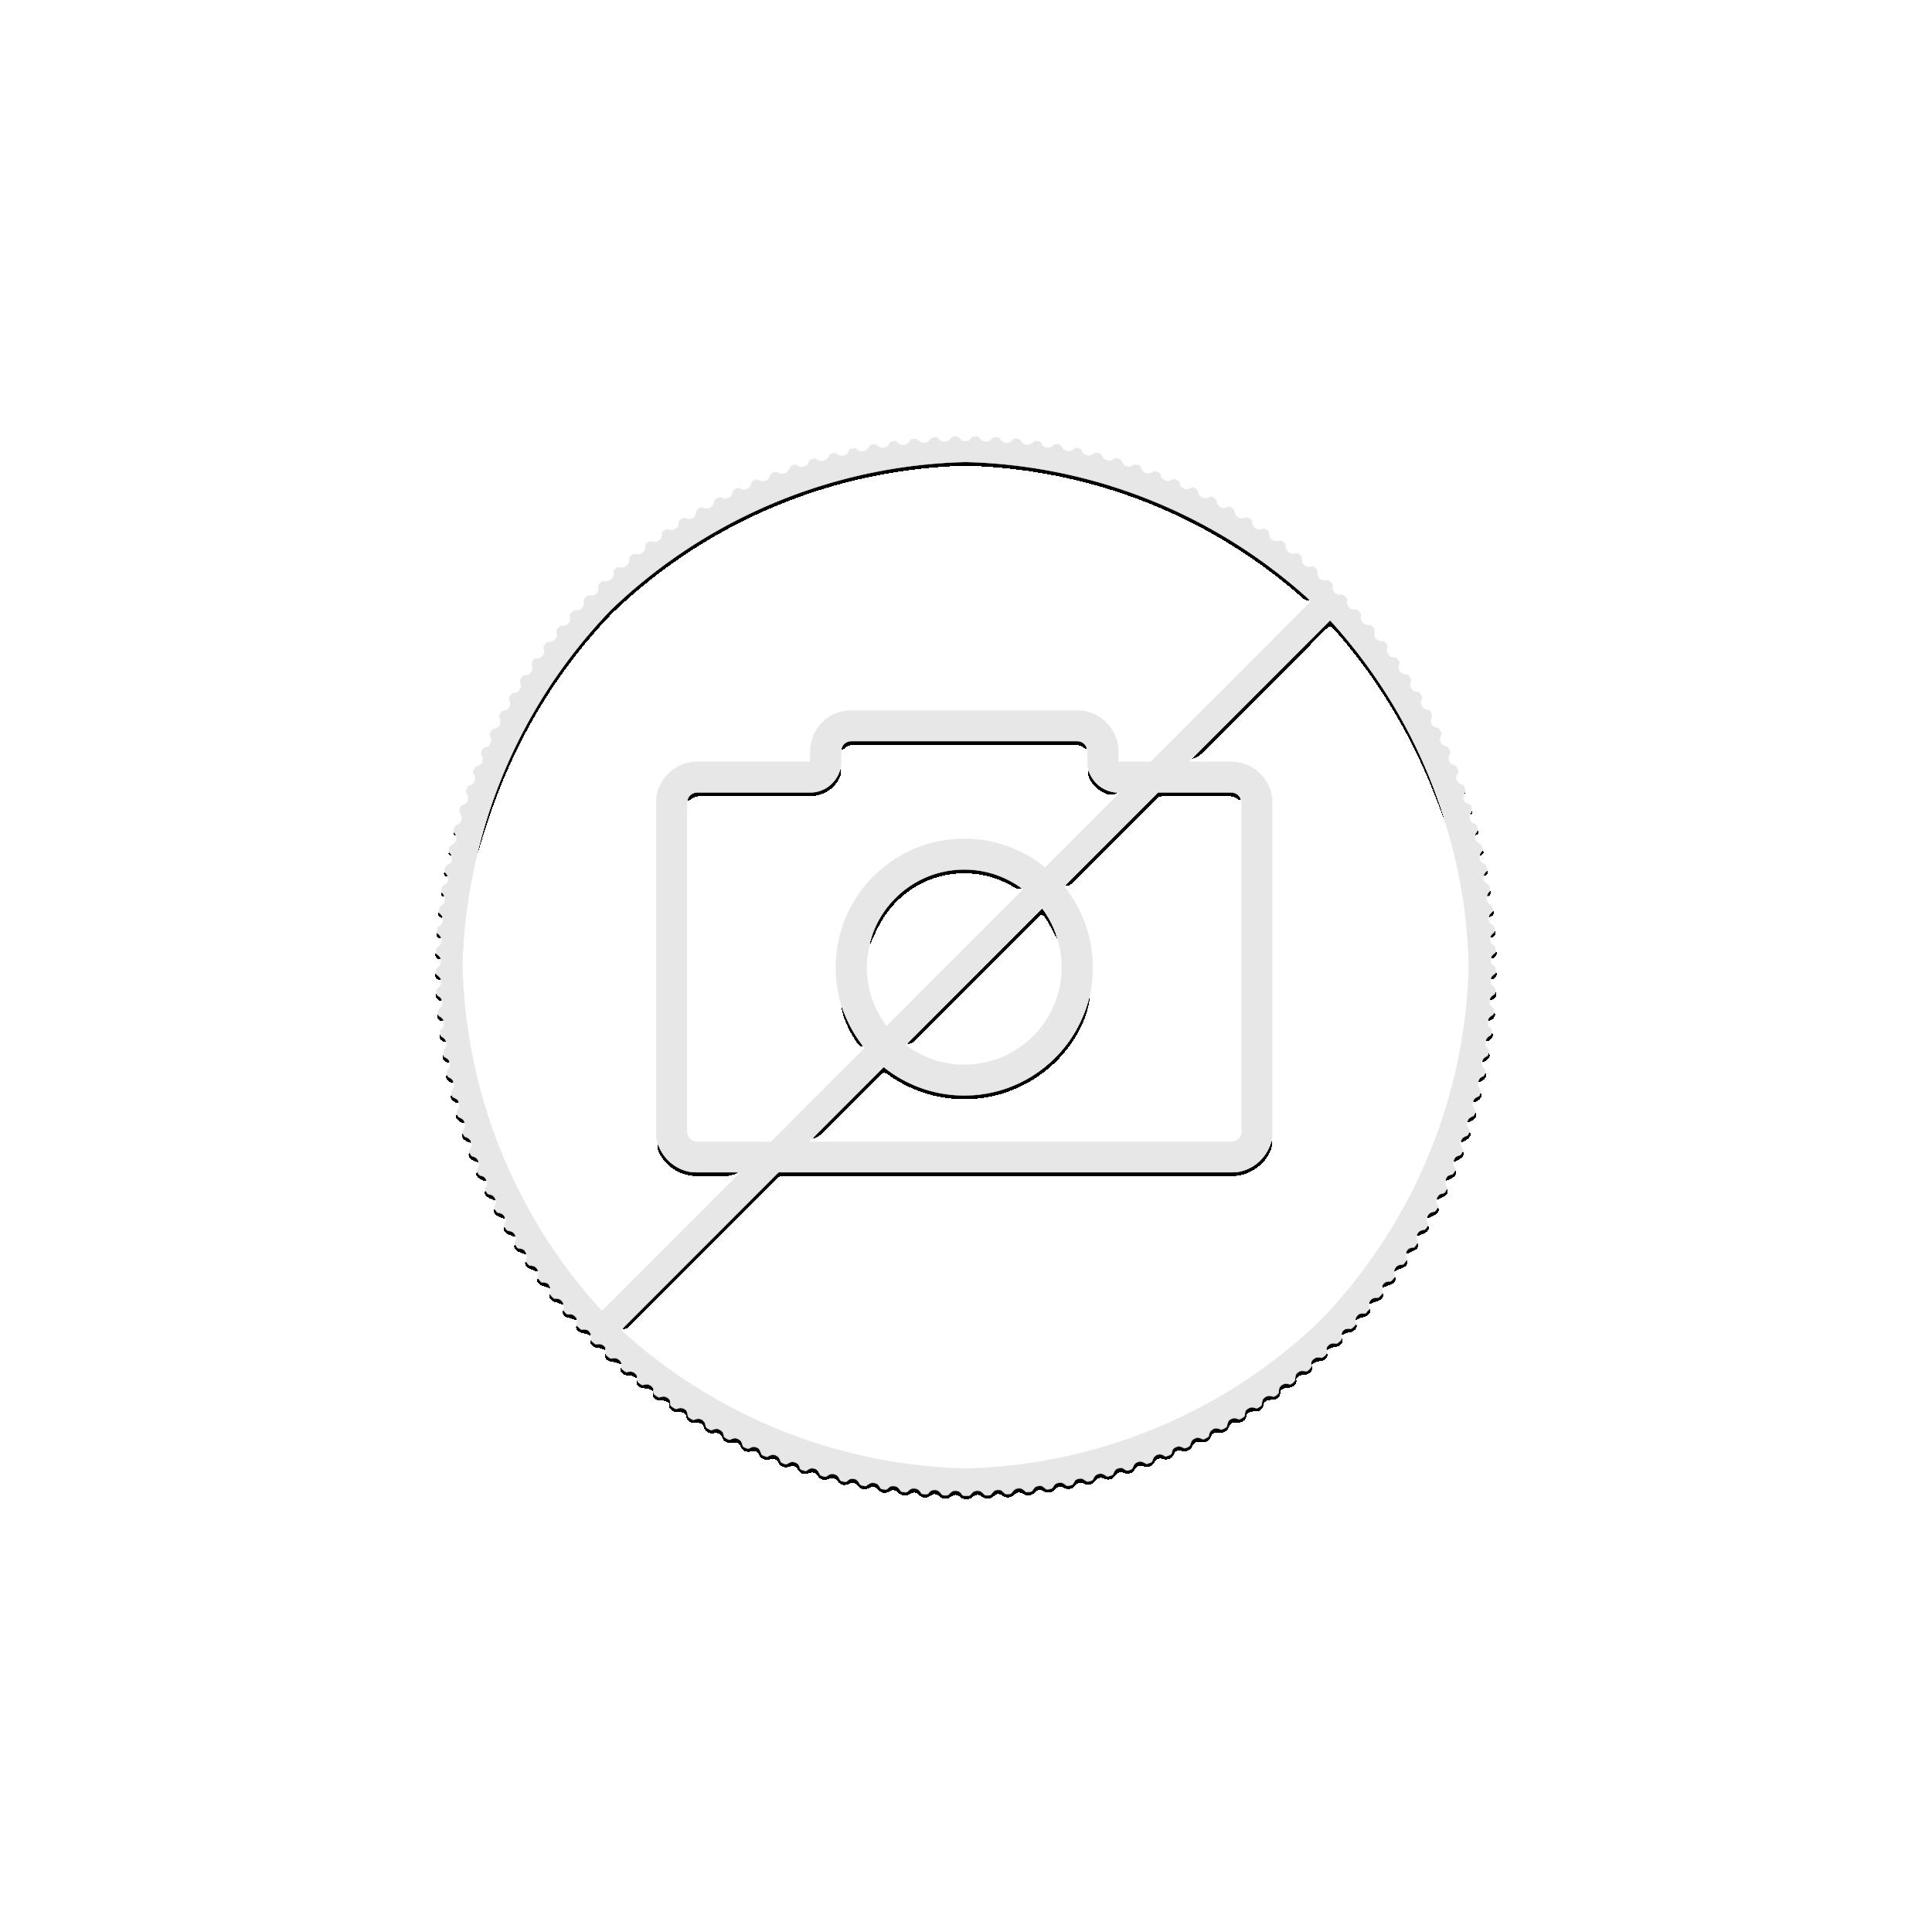 1 Troy ounce silver coin bar Rectangular Dragon 2021